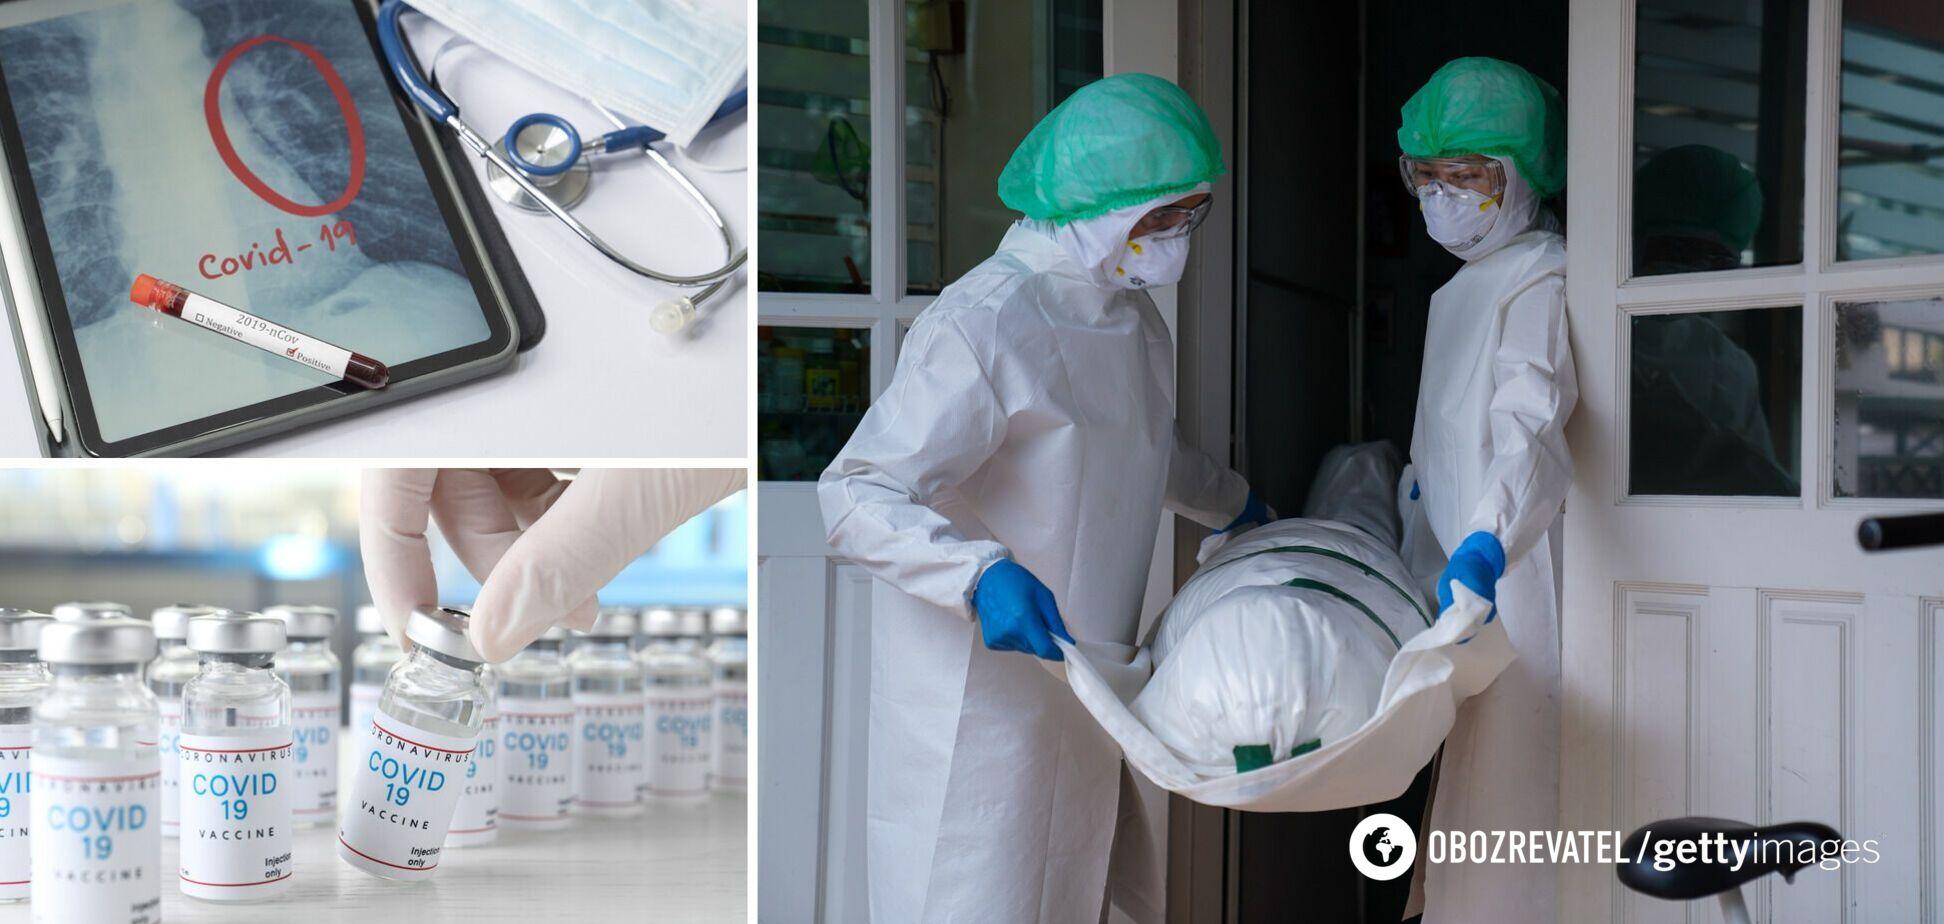 Смерть киевлянки от COVID-19: специалист опроверг связь с прививкой. Эксклюзив